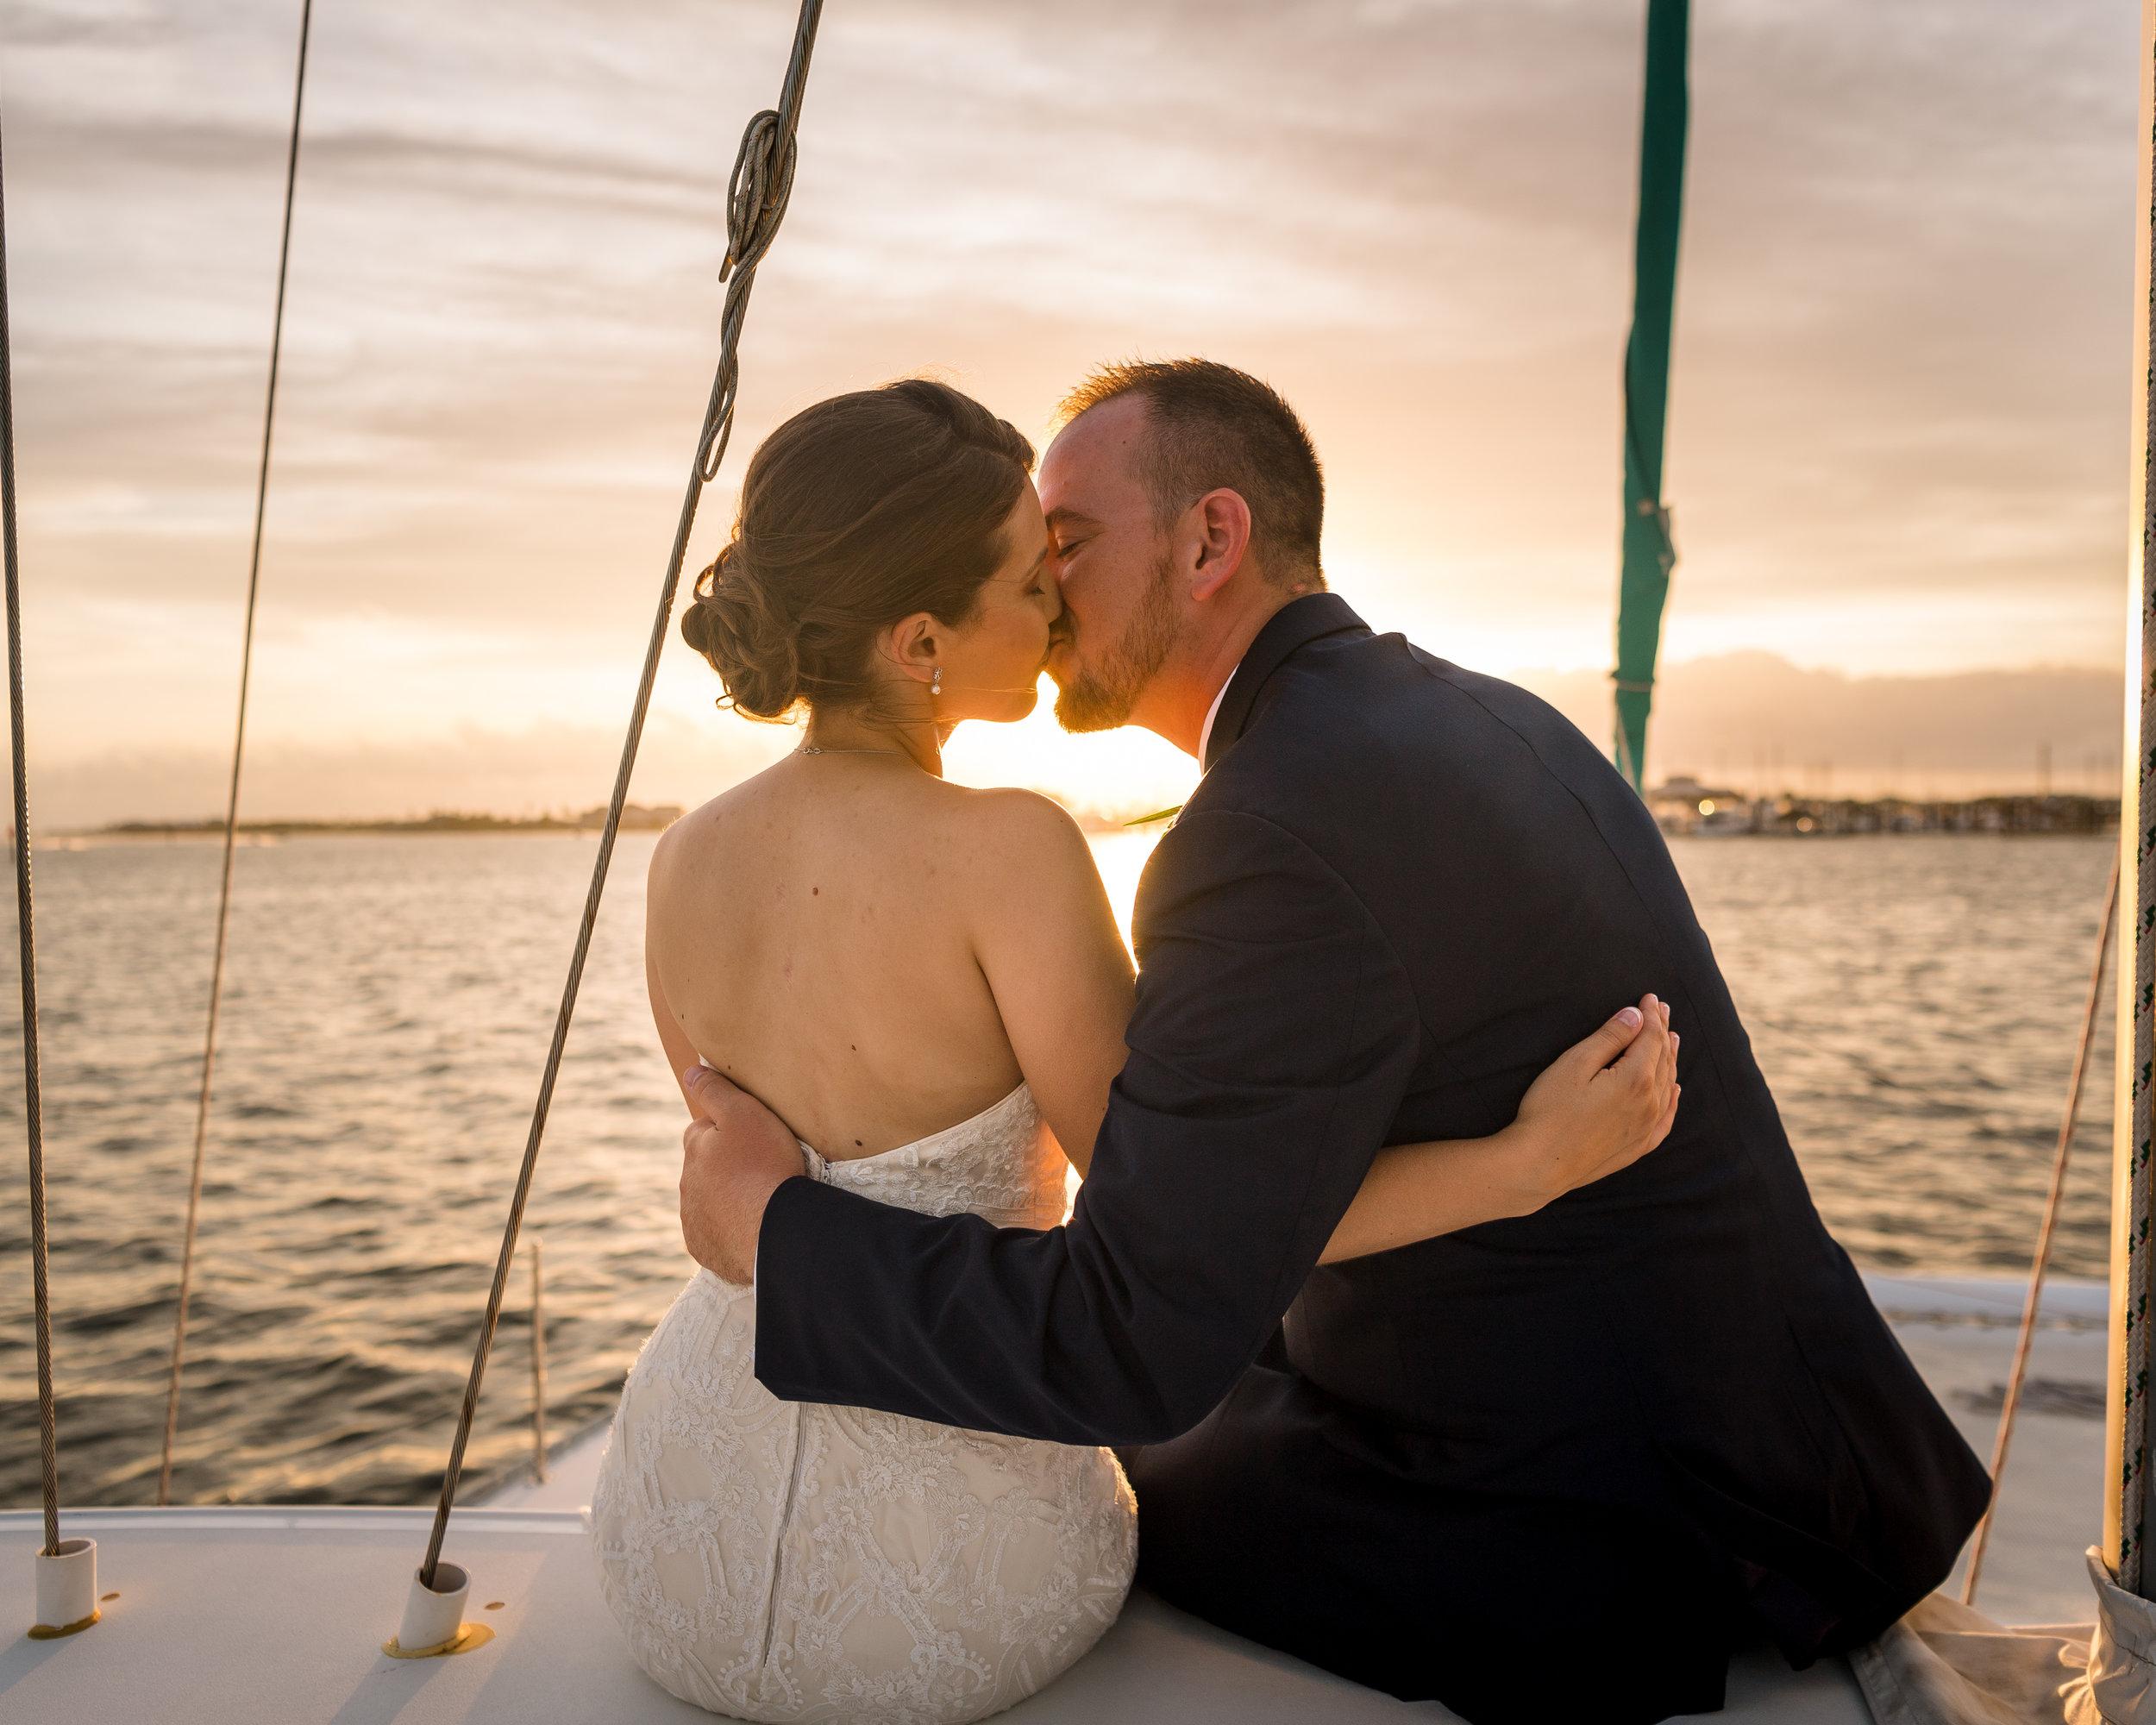 Sunset Sail-away Wedding Kiss